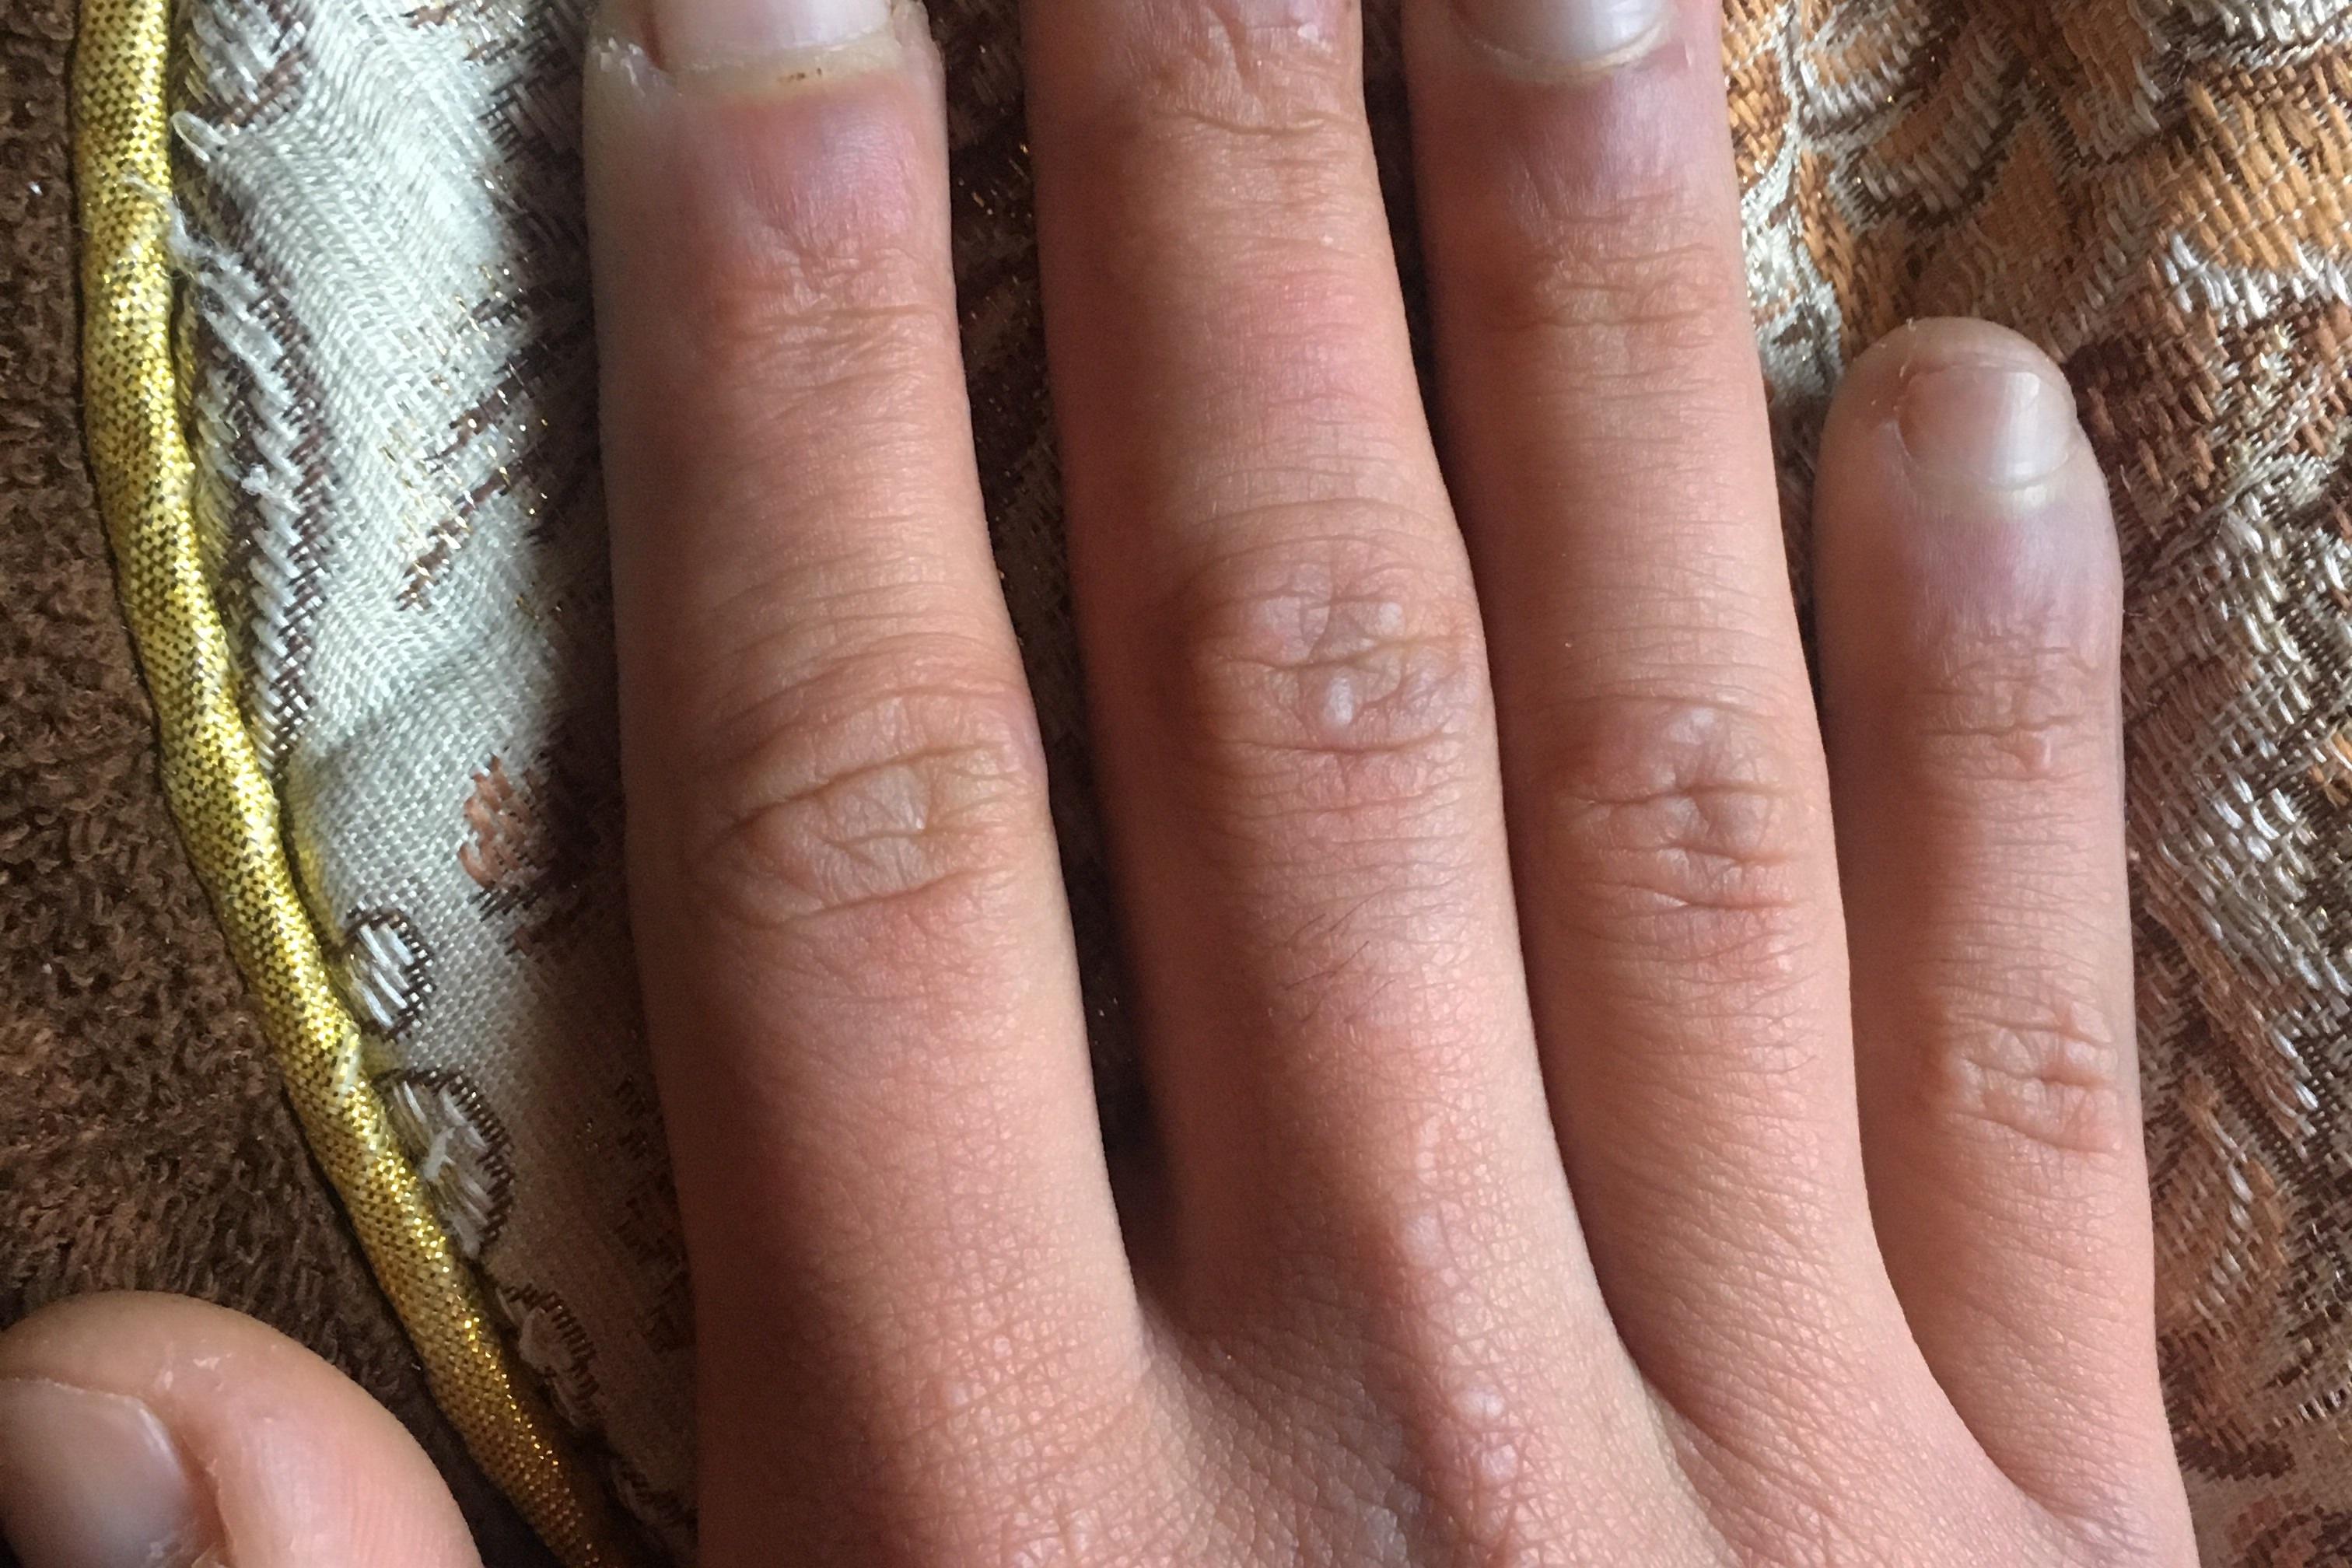 Cirugia dedos de manos - 5673